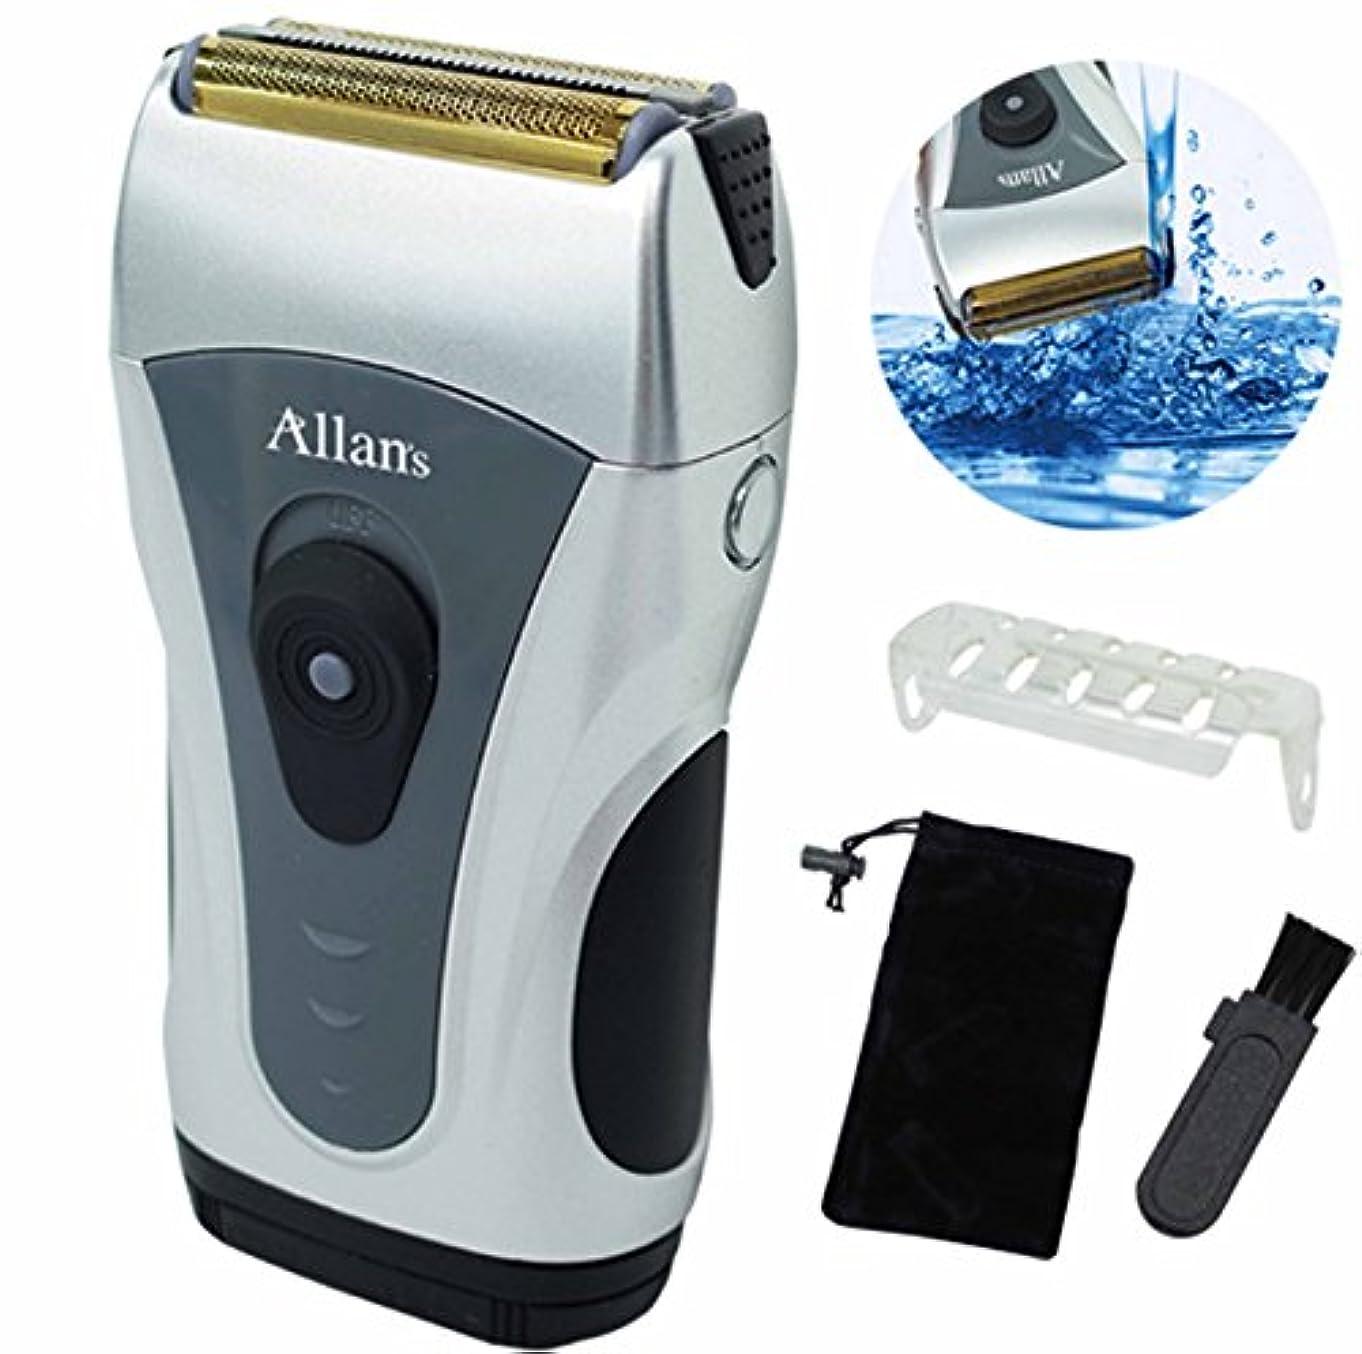 災害不注意海上Allans 携帯 電池 式 電動 髭剃り 水洗い ウォッシャブル メンズ シェーバー コンパクト MEBM-29